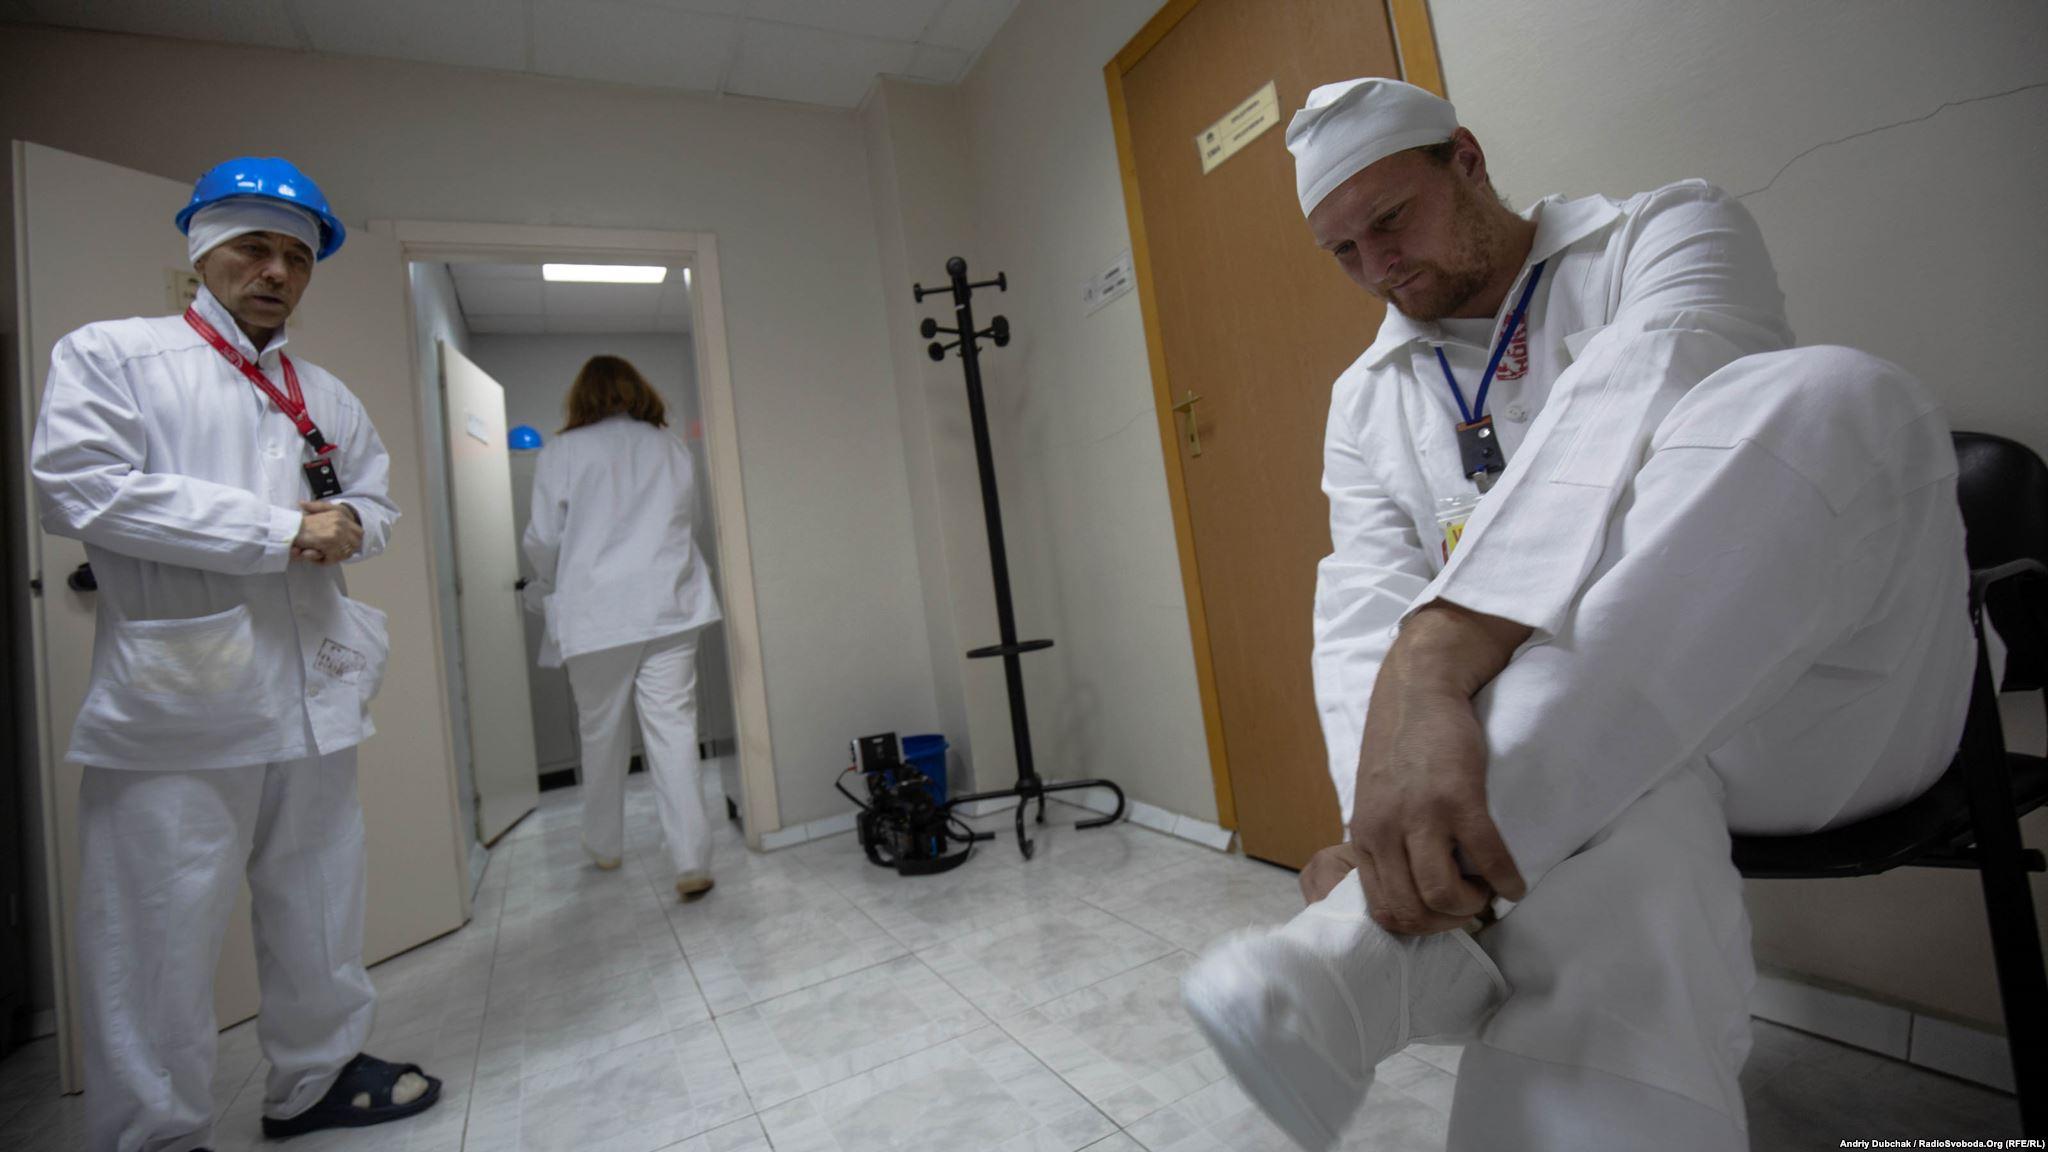 Усі в білому: у своєму одязі в «саркофаг» не можна (Photographer: Andriy Dubchak)